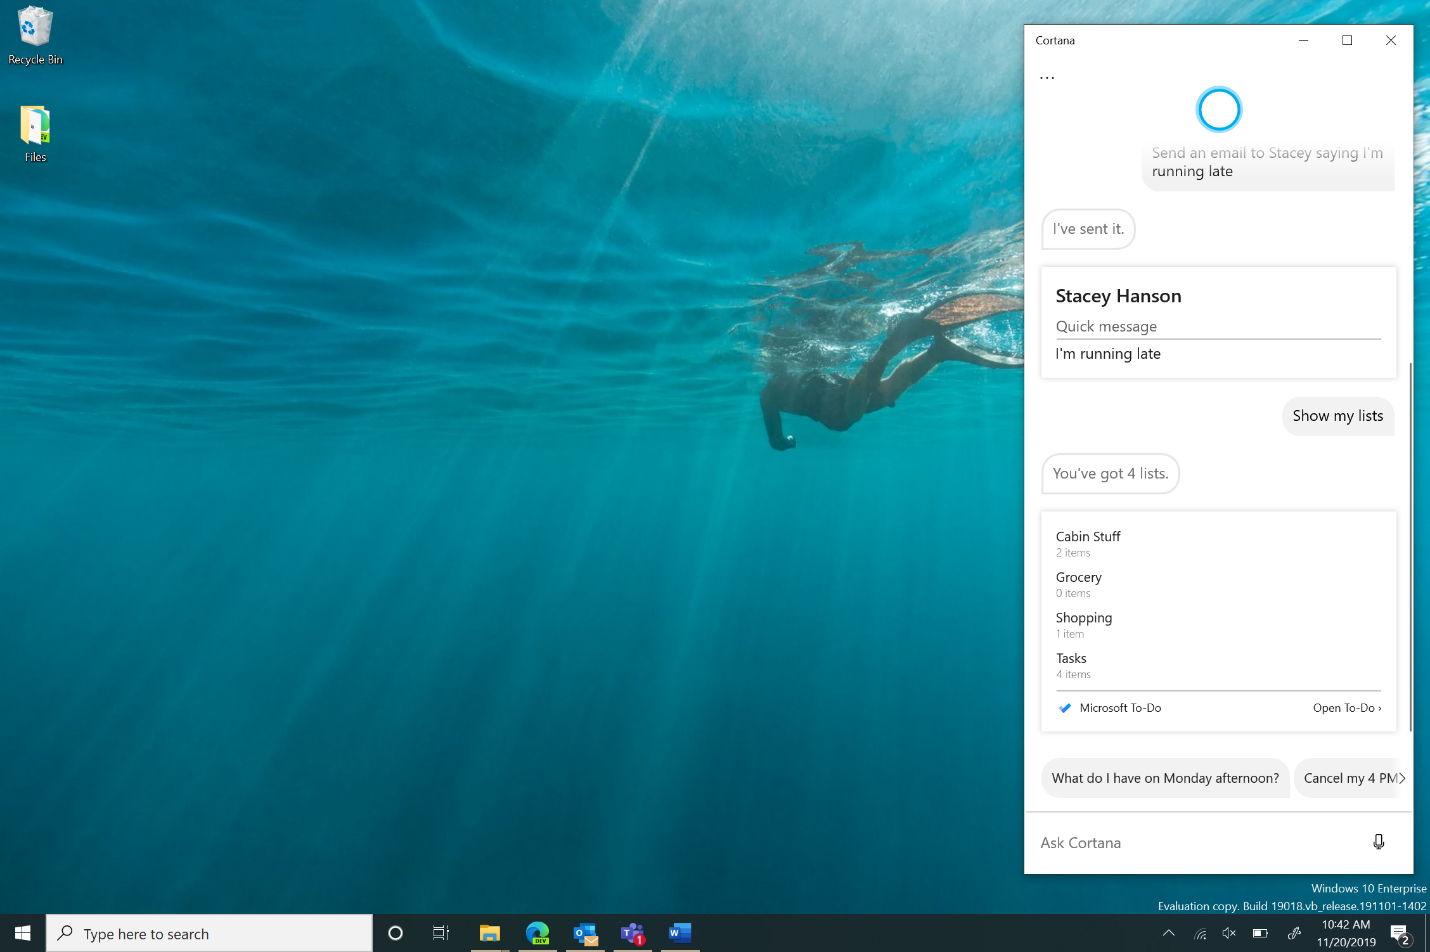 Cortana desacoplado de la barra de tareas de Windows 10 Insider